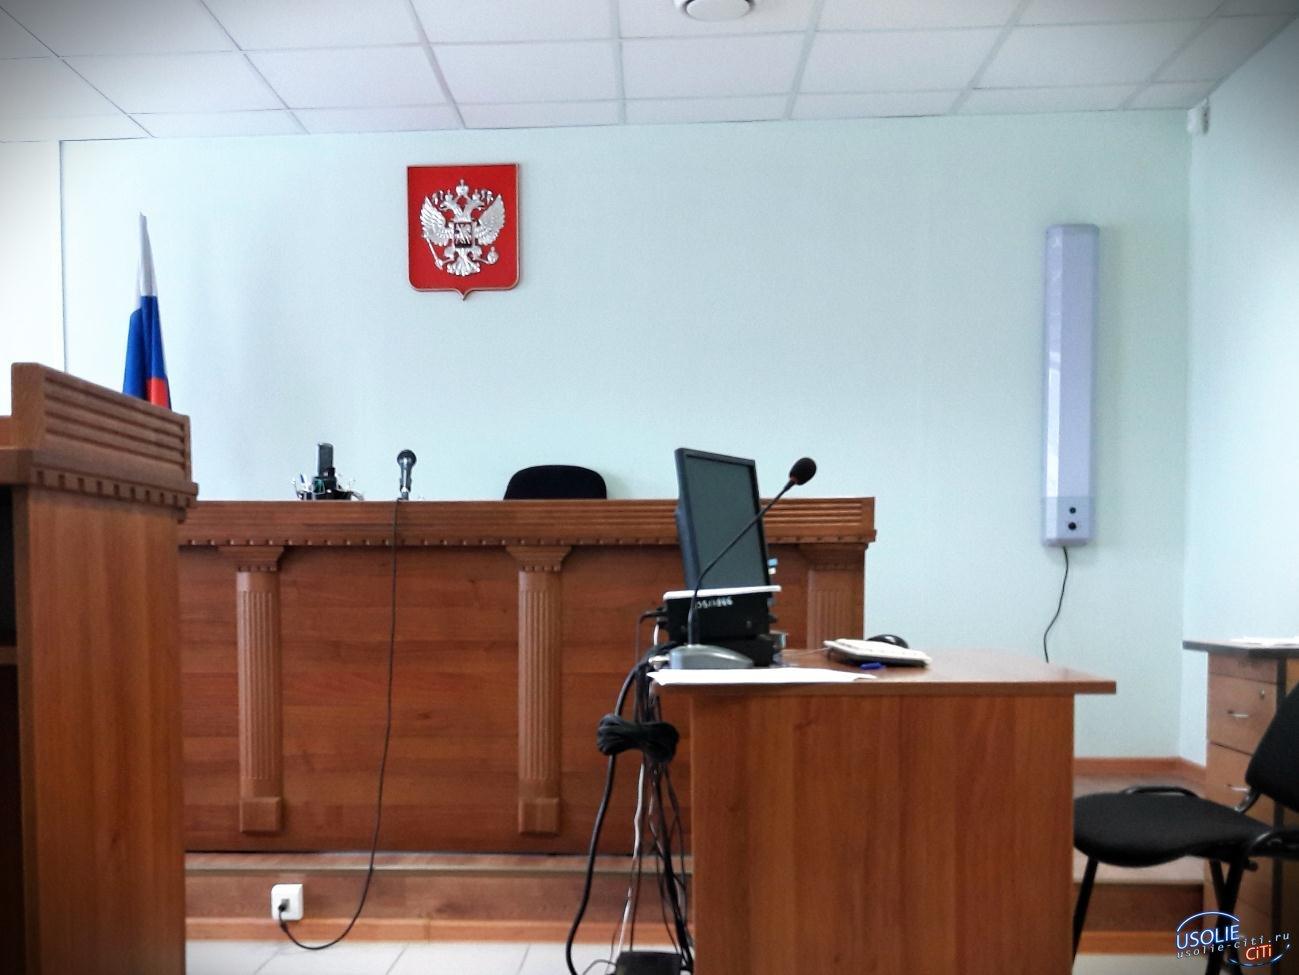 Усольчанин уклонился от исполнения наказания в виде обязательных работ